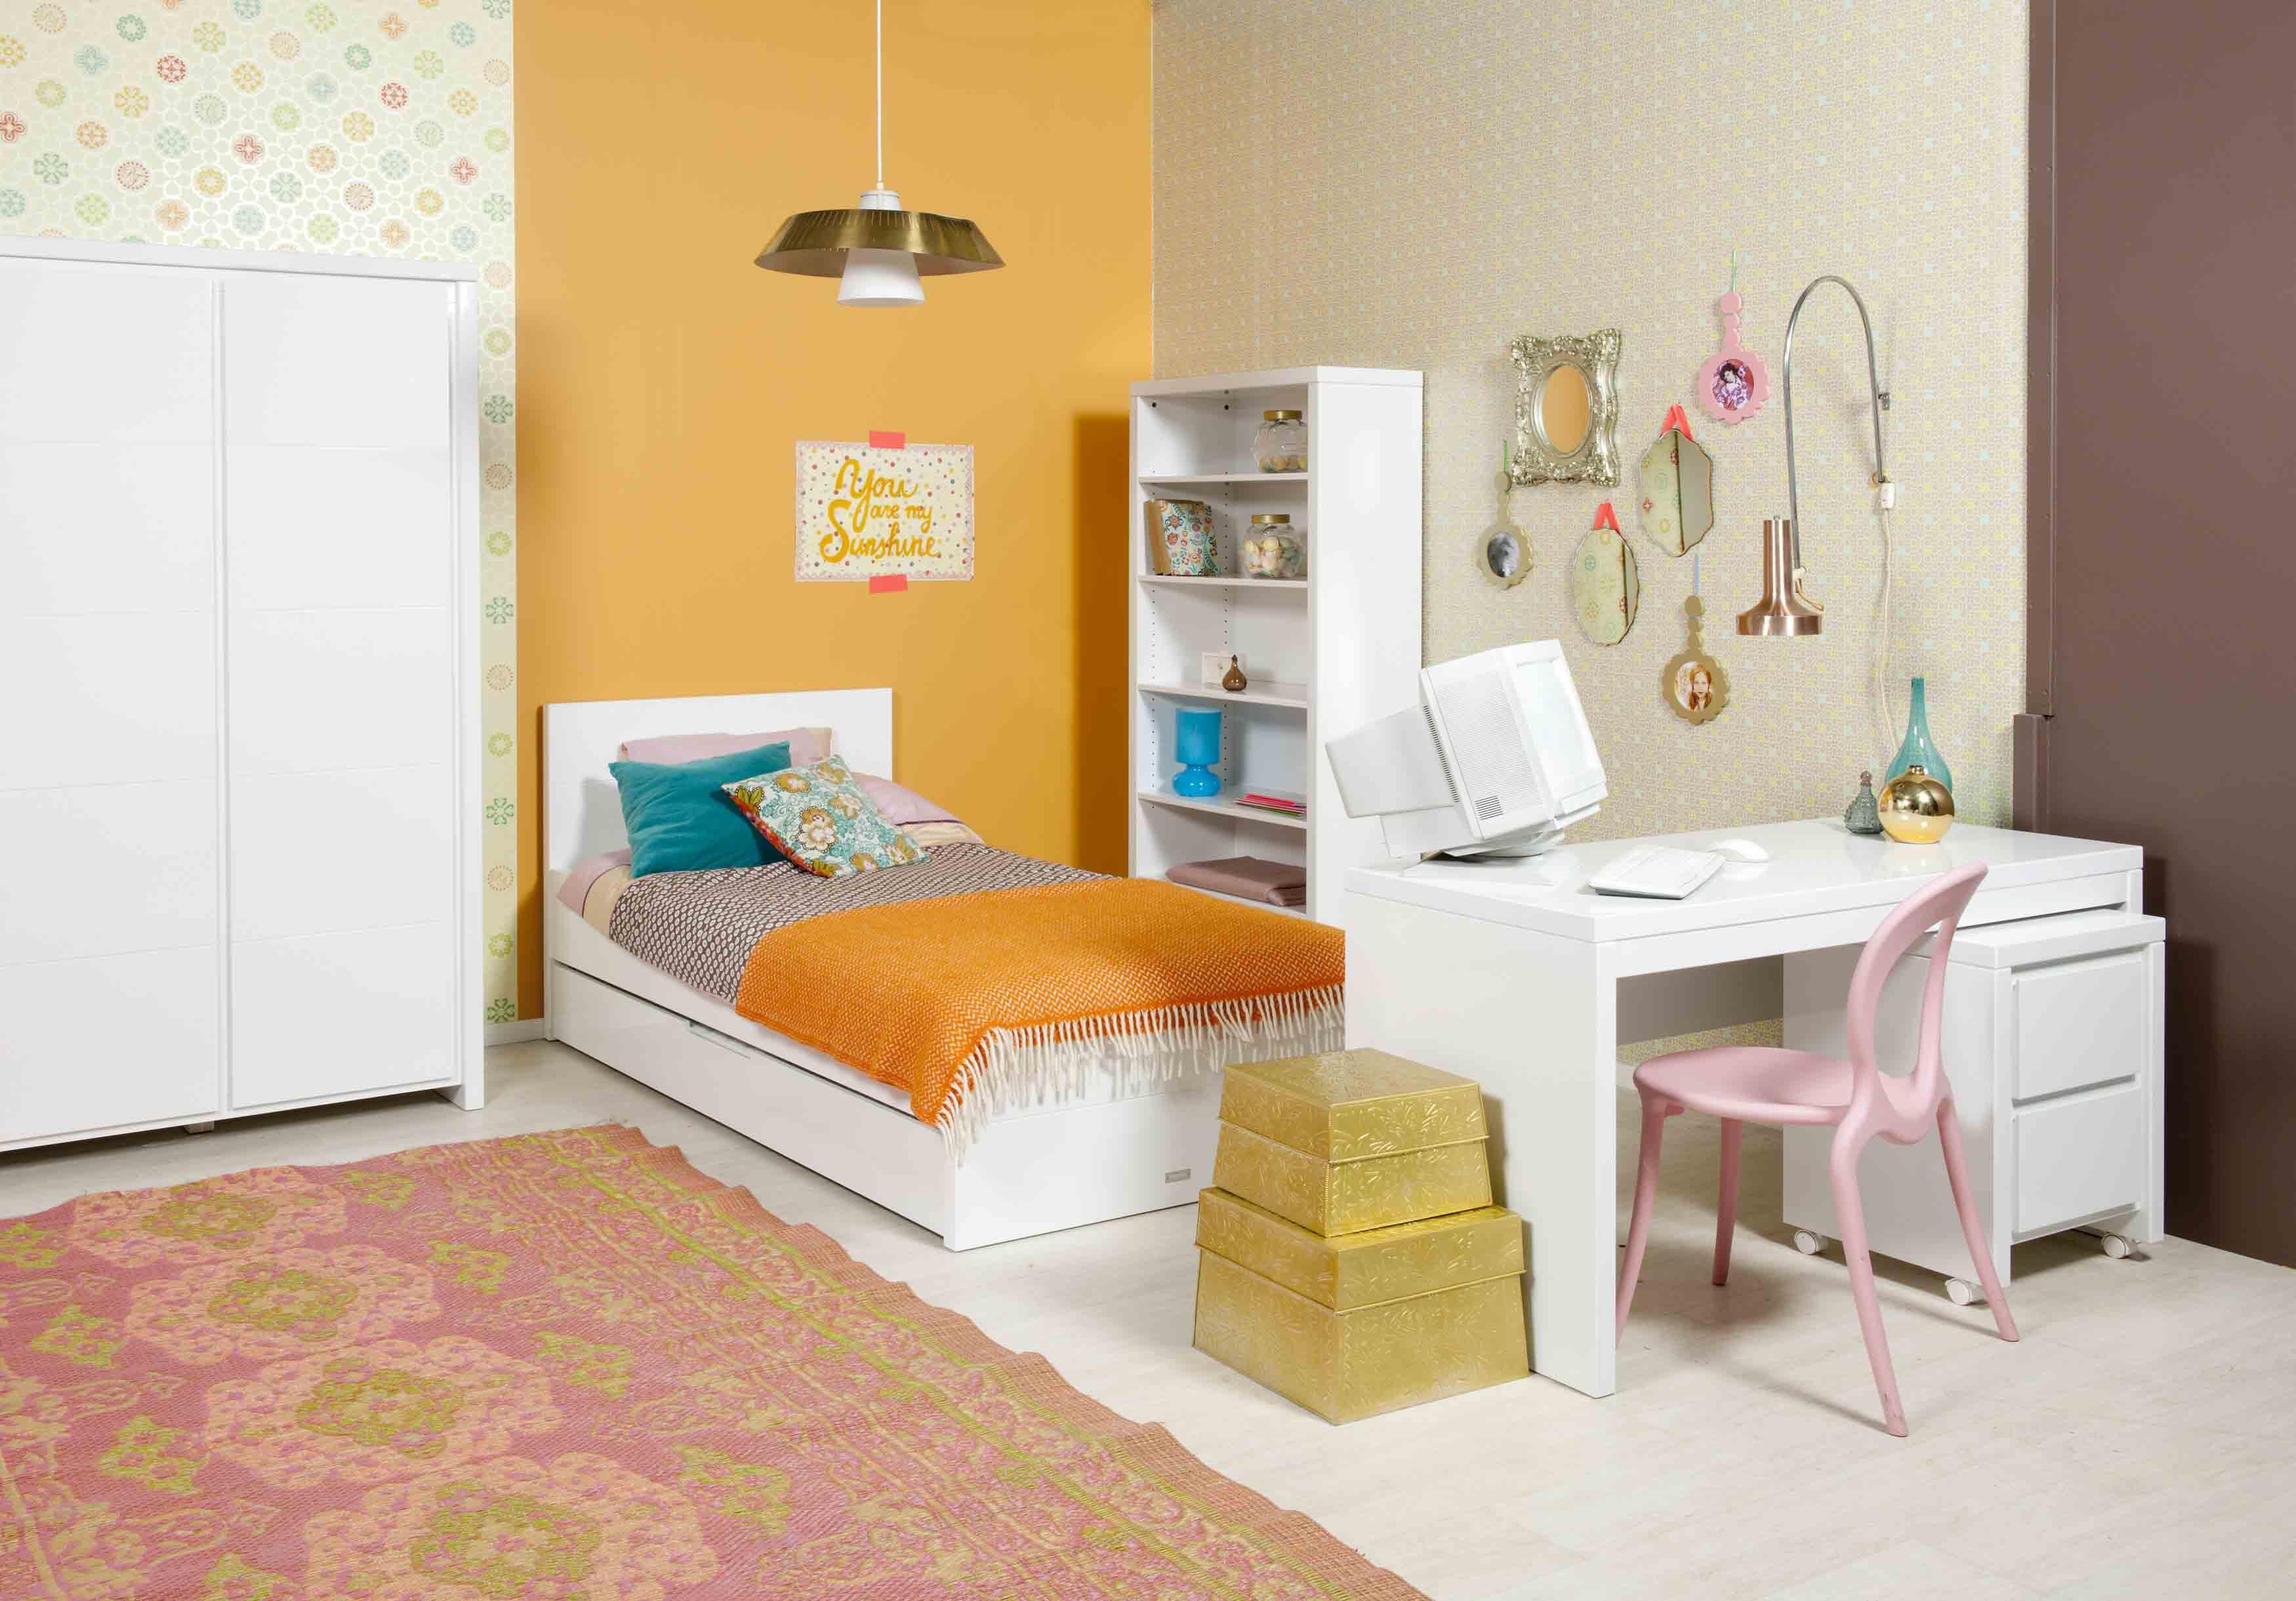 Bopita camille tiener kamer interieurs de meubelberg - Kamer voor tieners ...